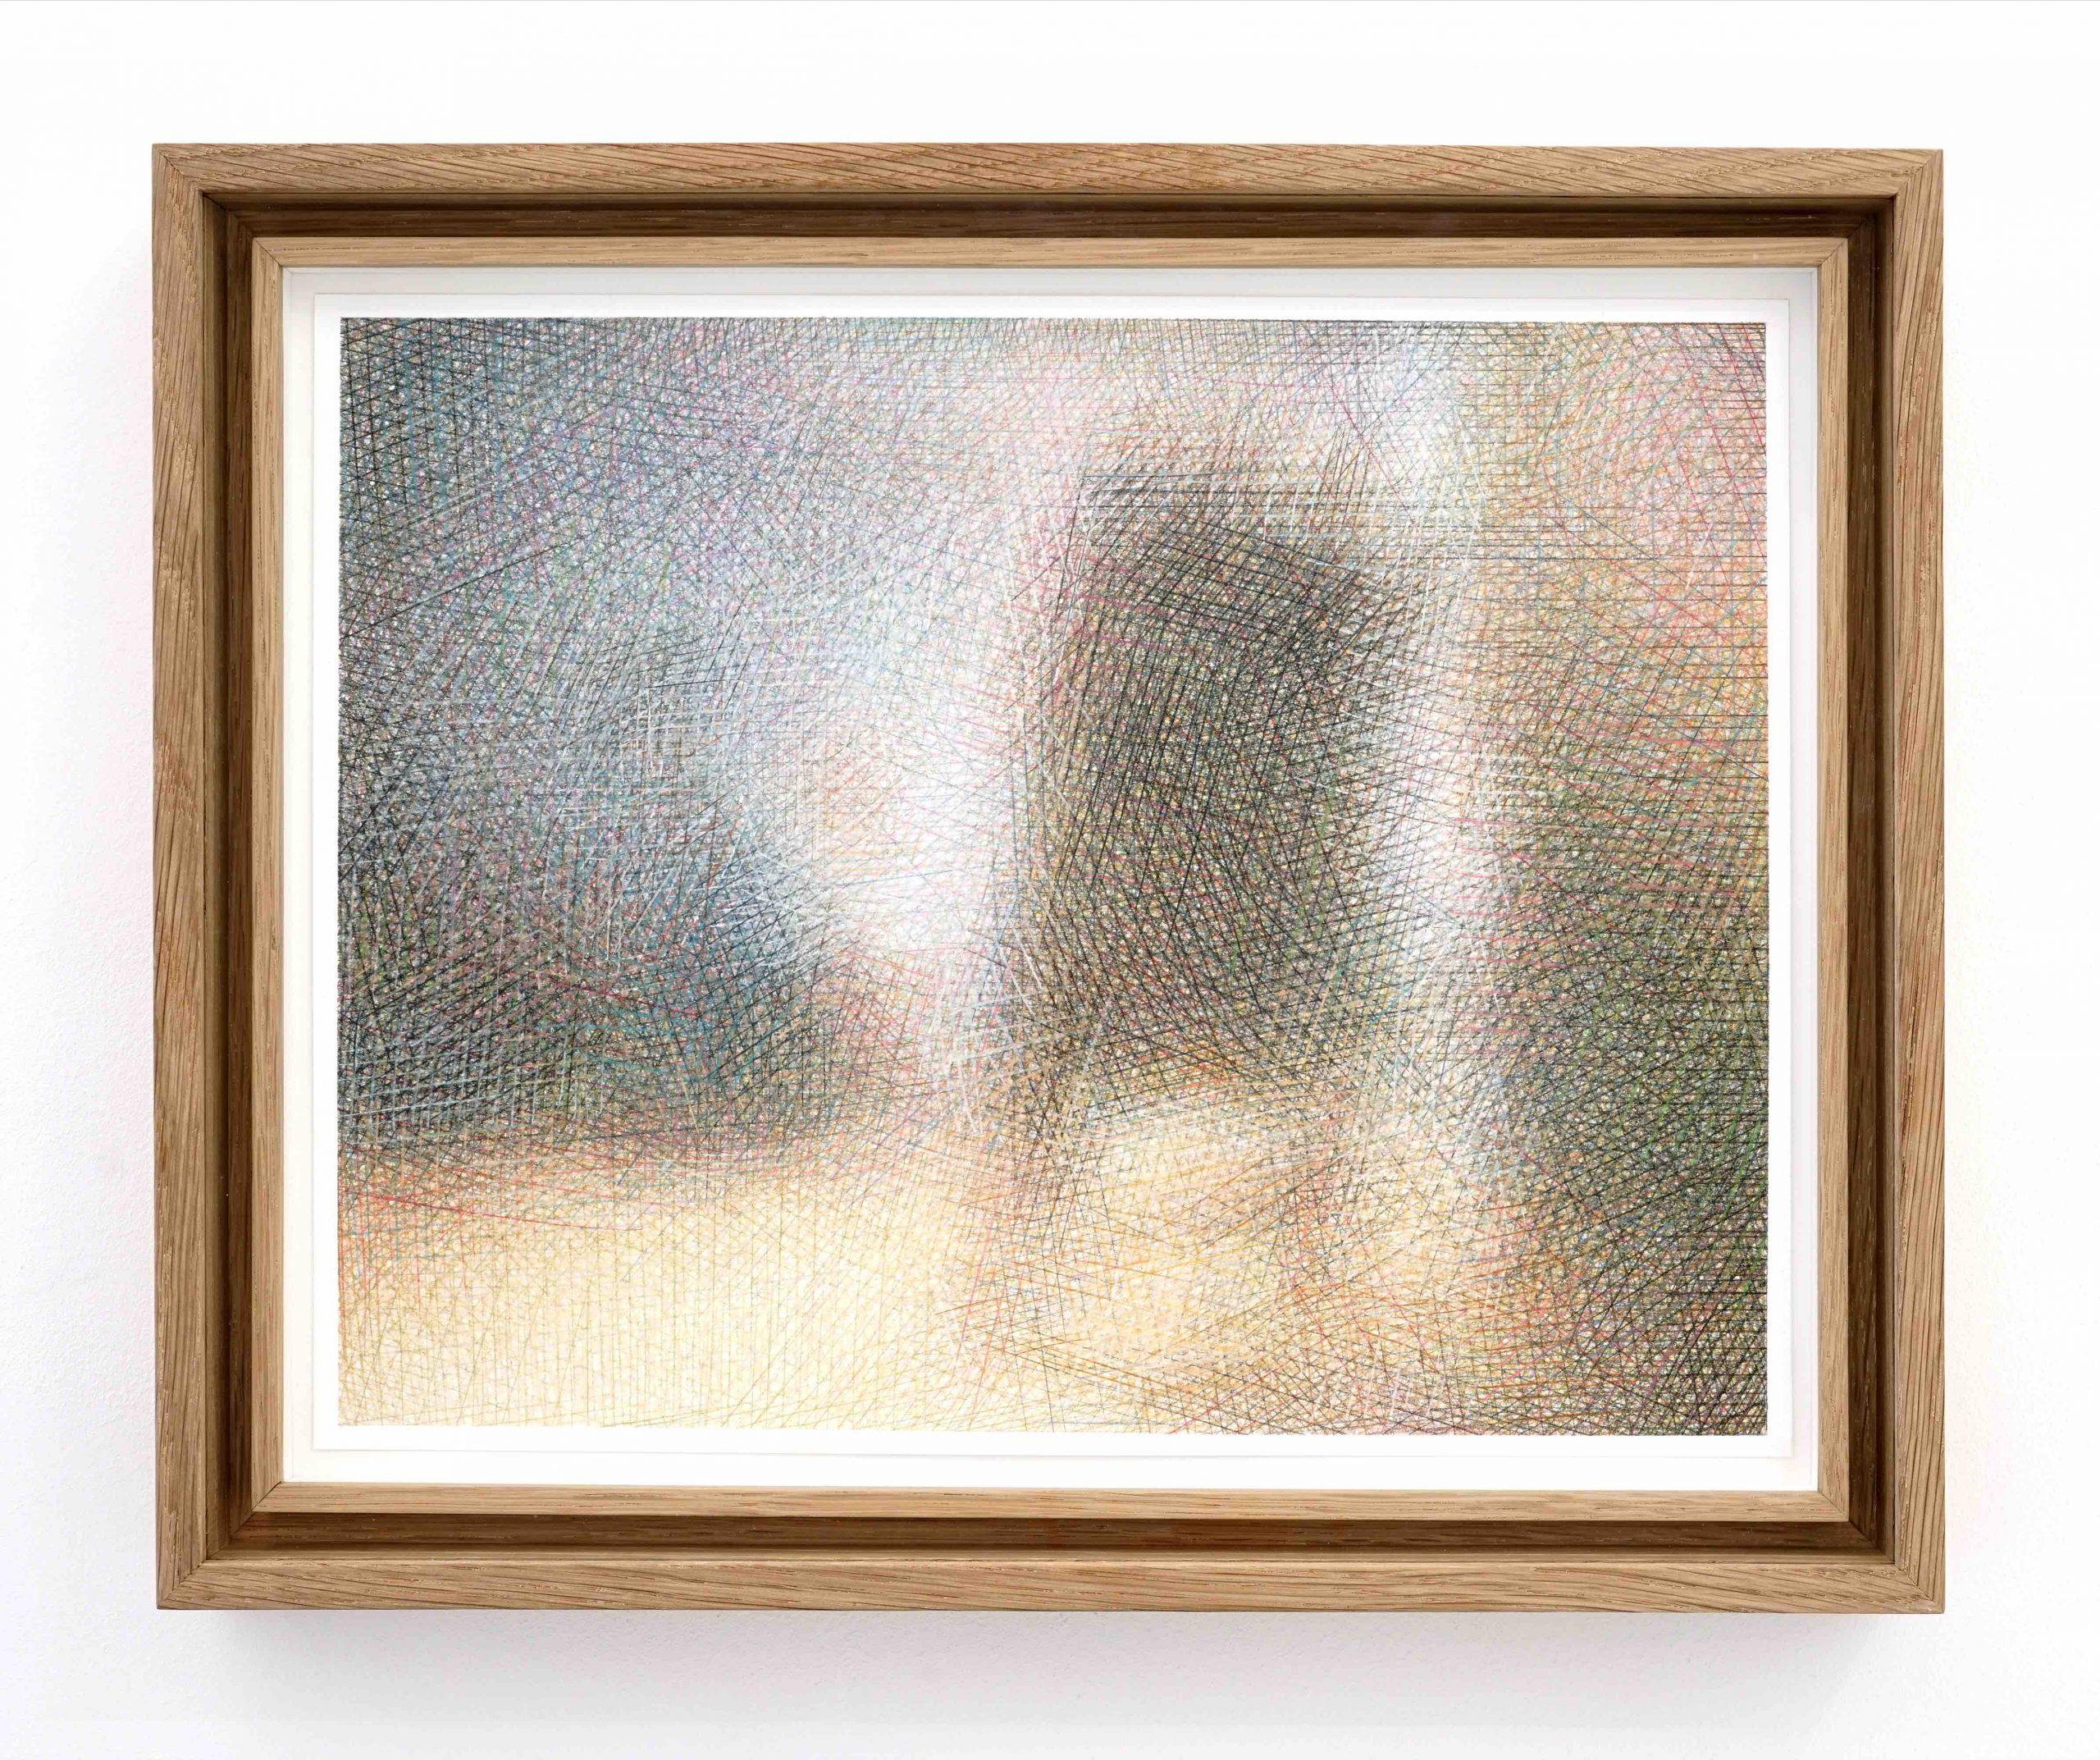 Sławomir Elsner, Artist in his Studio, Farbstift auf Papier, 24,8 x 31,7 cm, 2020 (nach Rembrandt, Museum of Fine Arts, Boston), courtesy Lullin+Ferrari Zurich